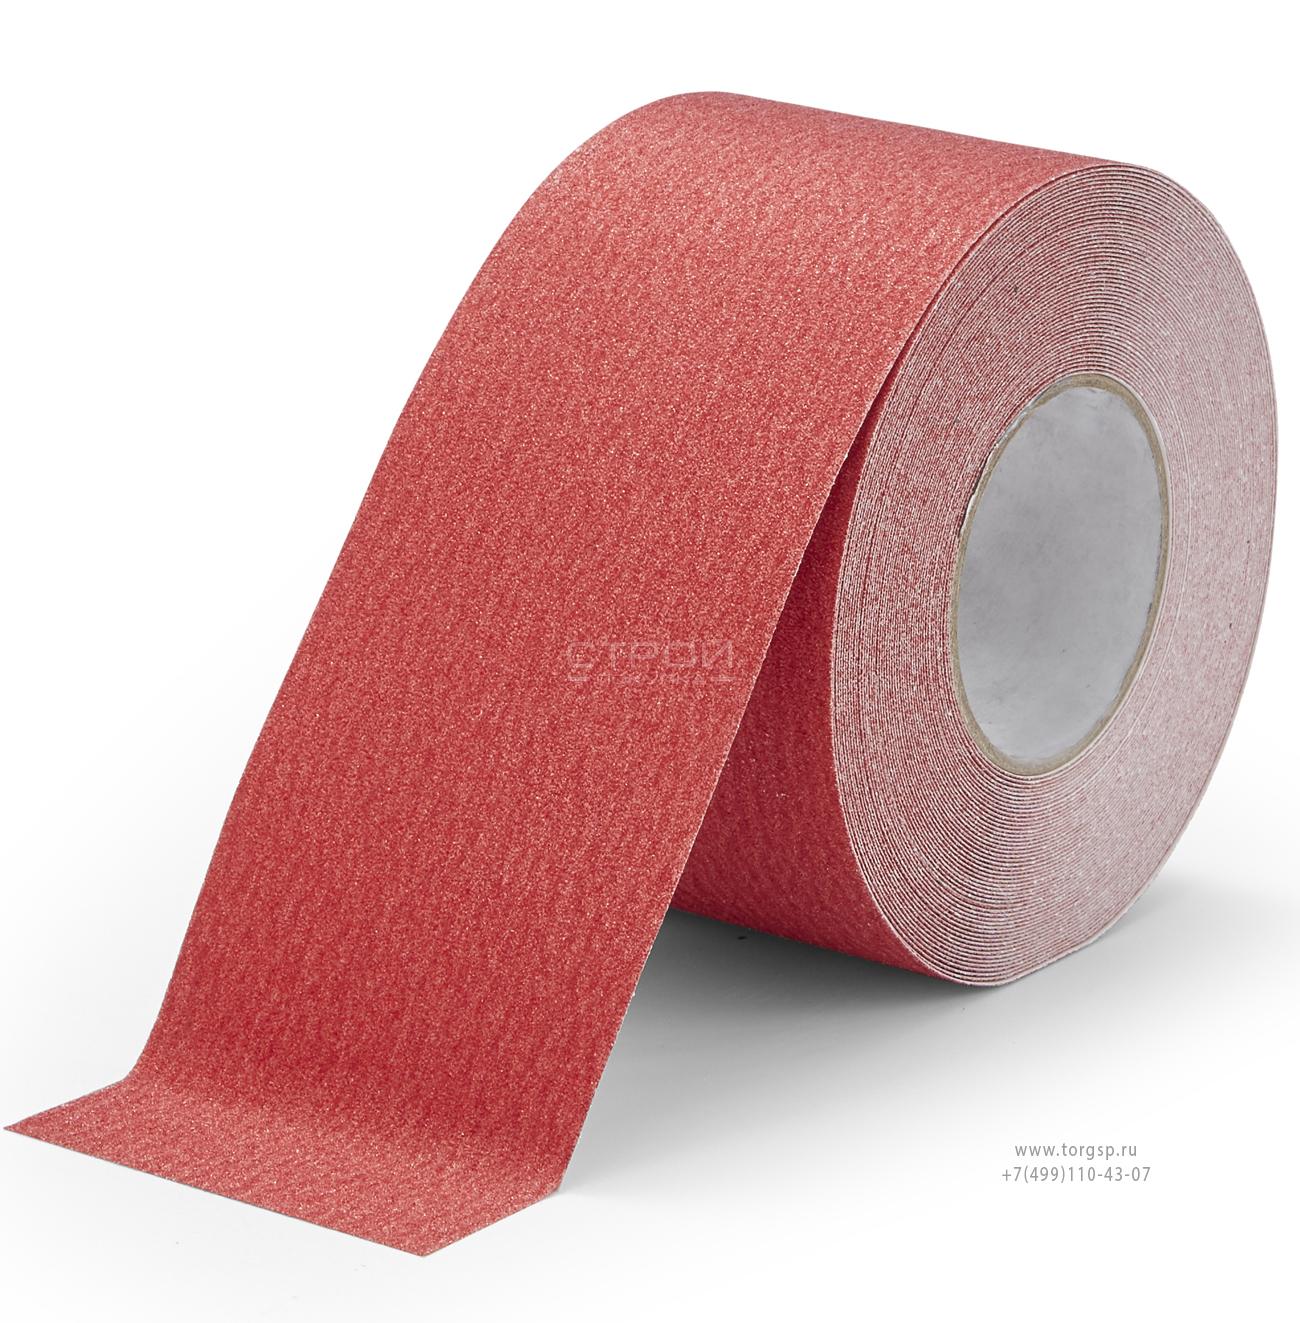 Красная абразивная противоскользящая лента Heskins шириной 10 см